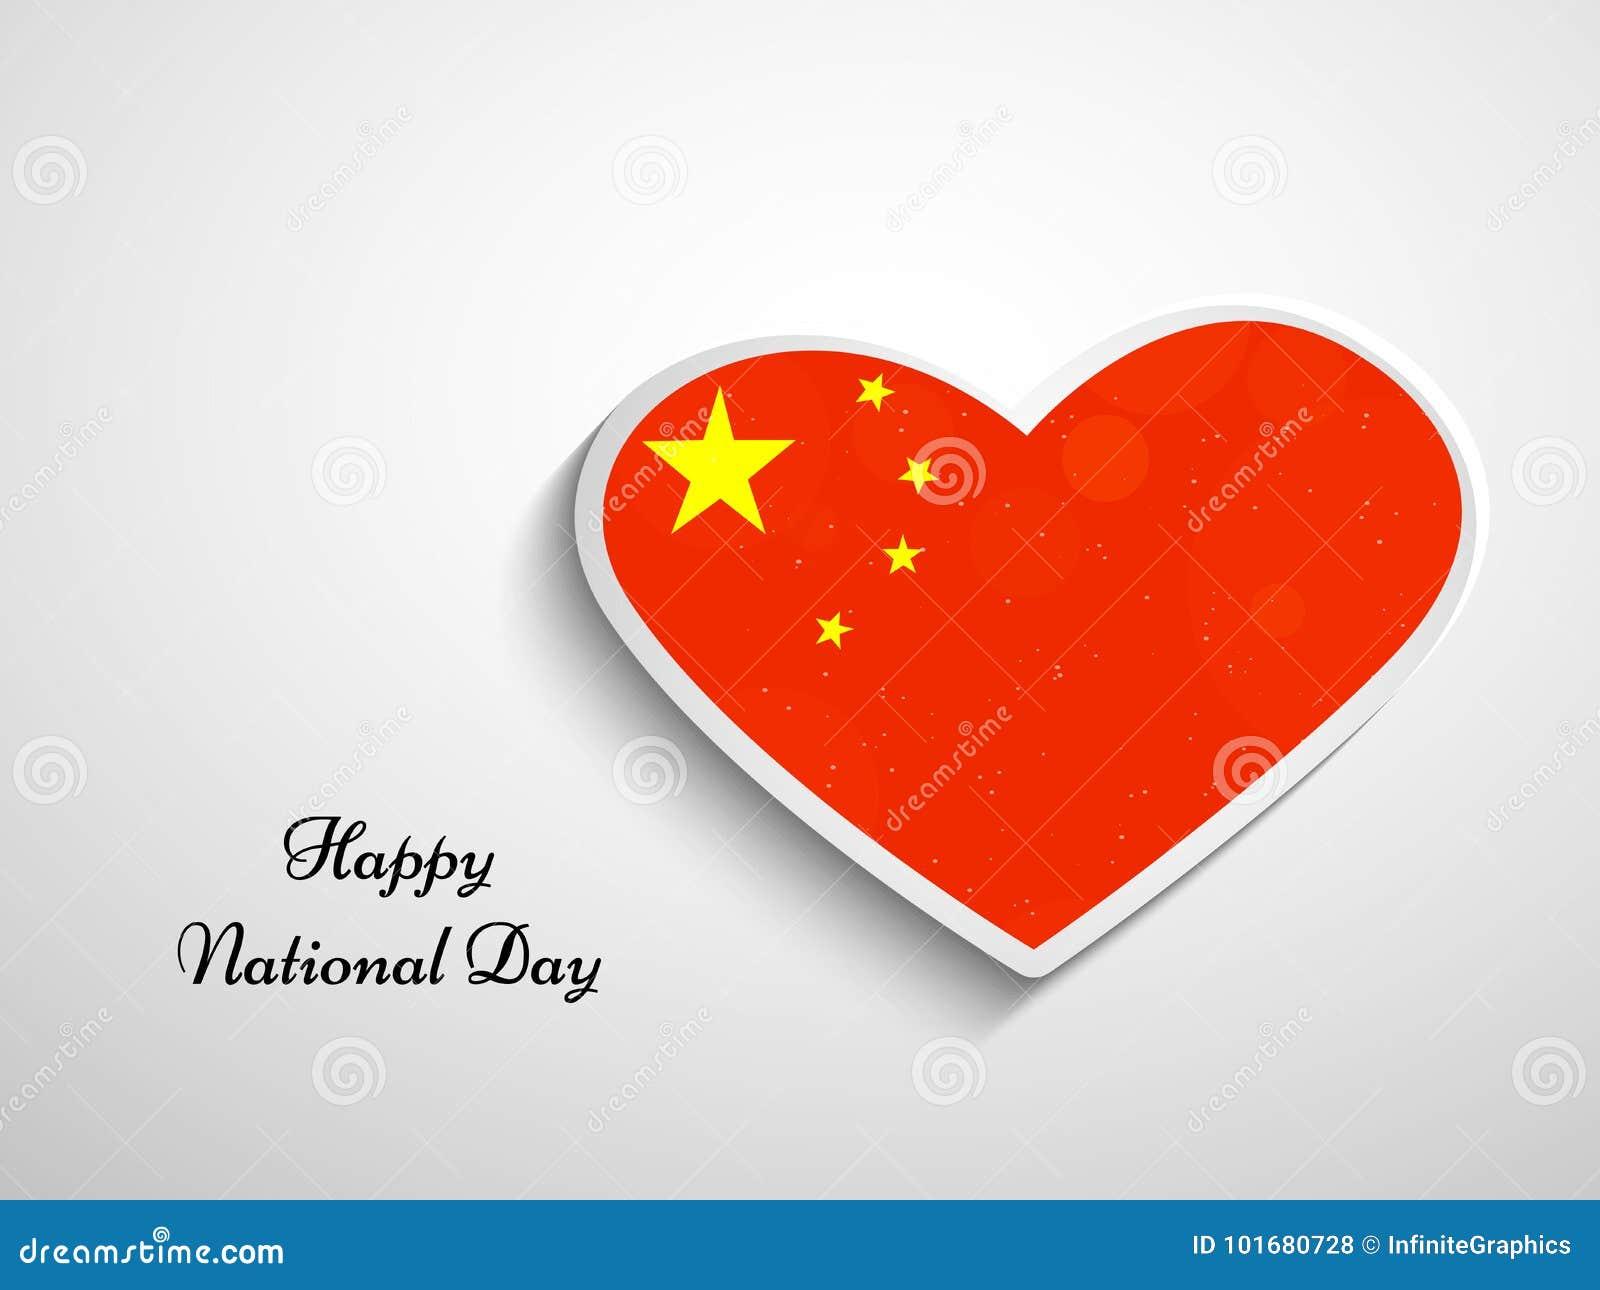 Illustration de fond de jour national de la Chine